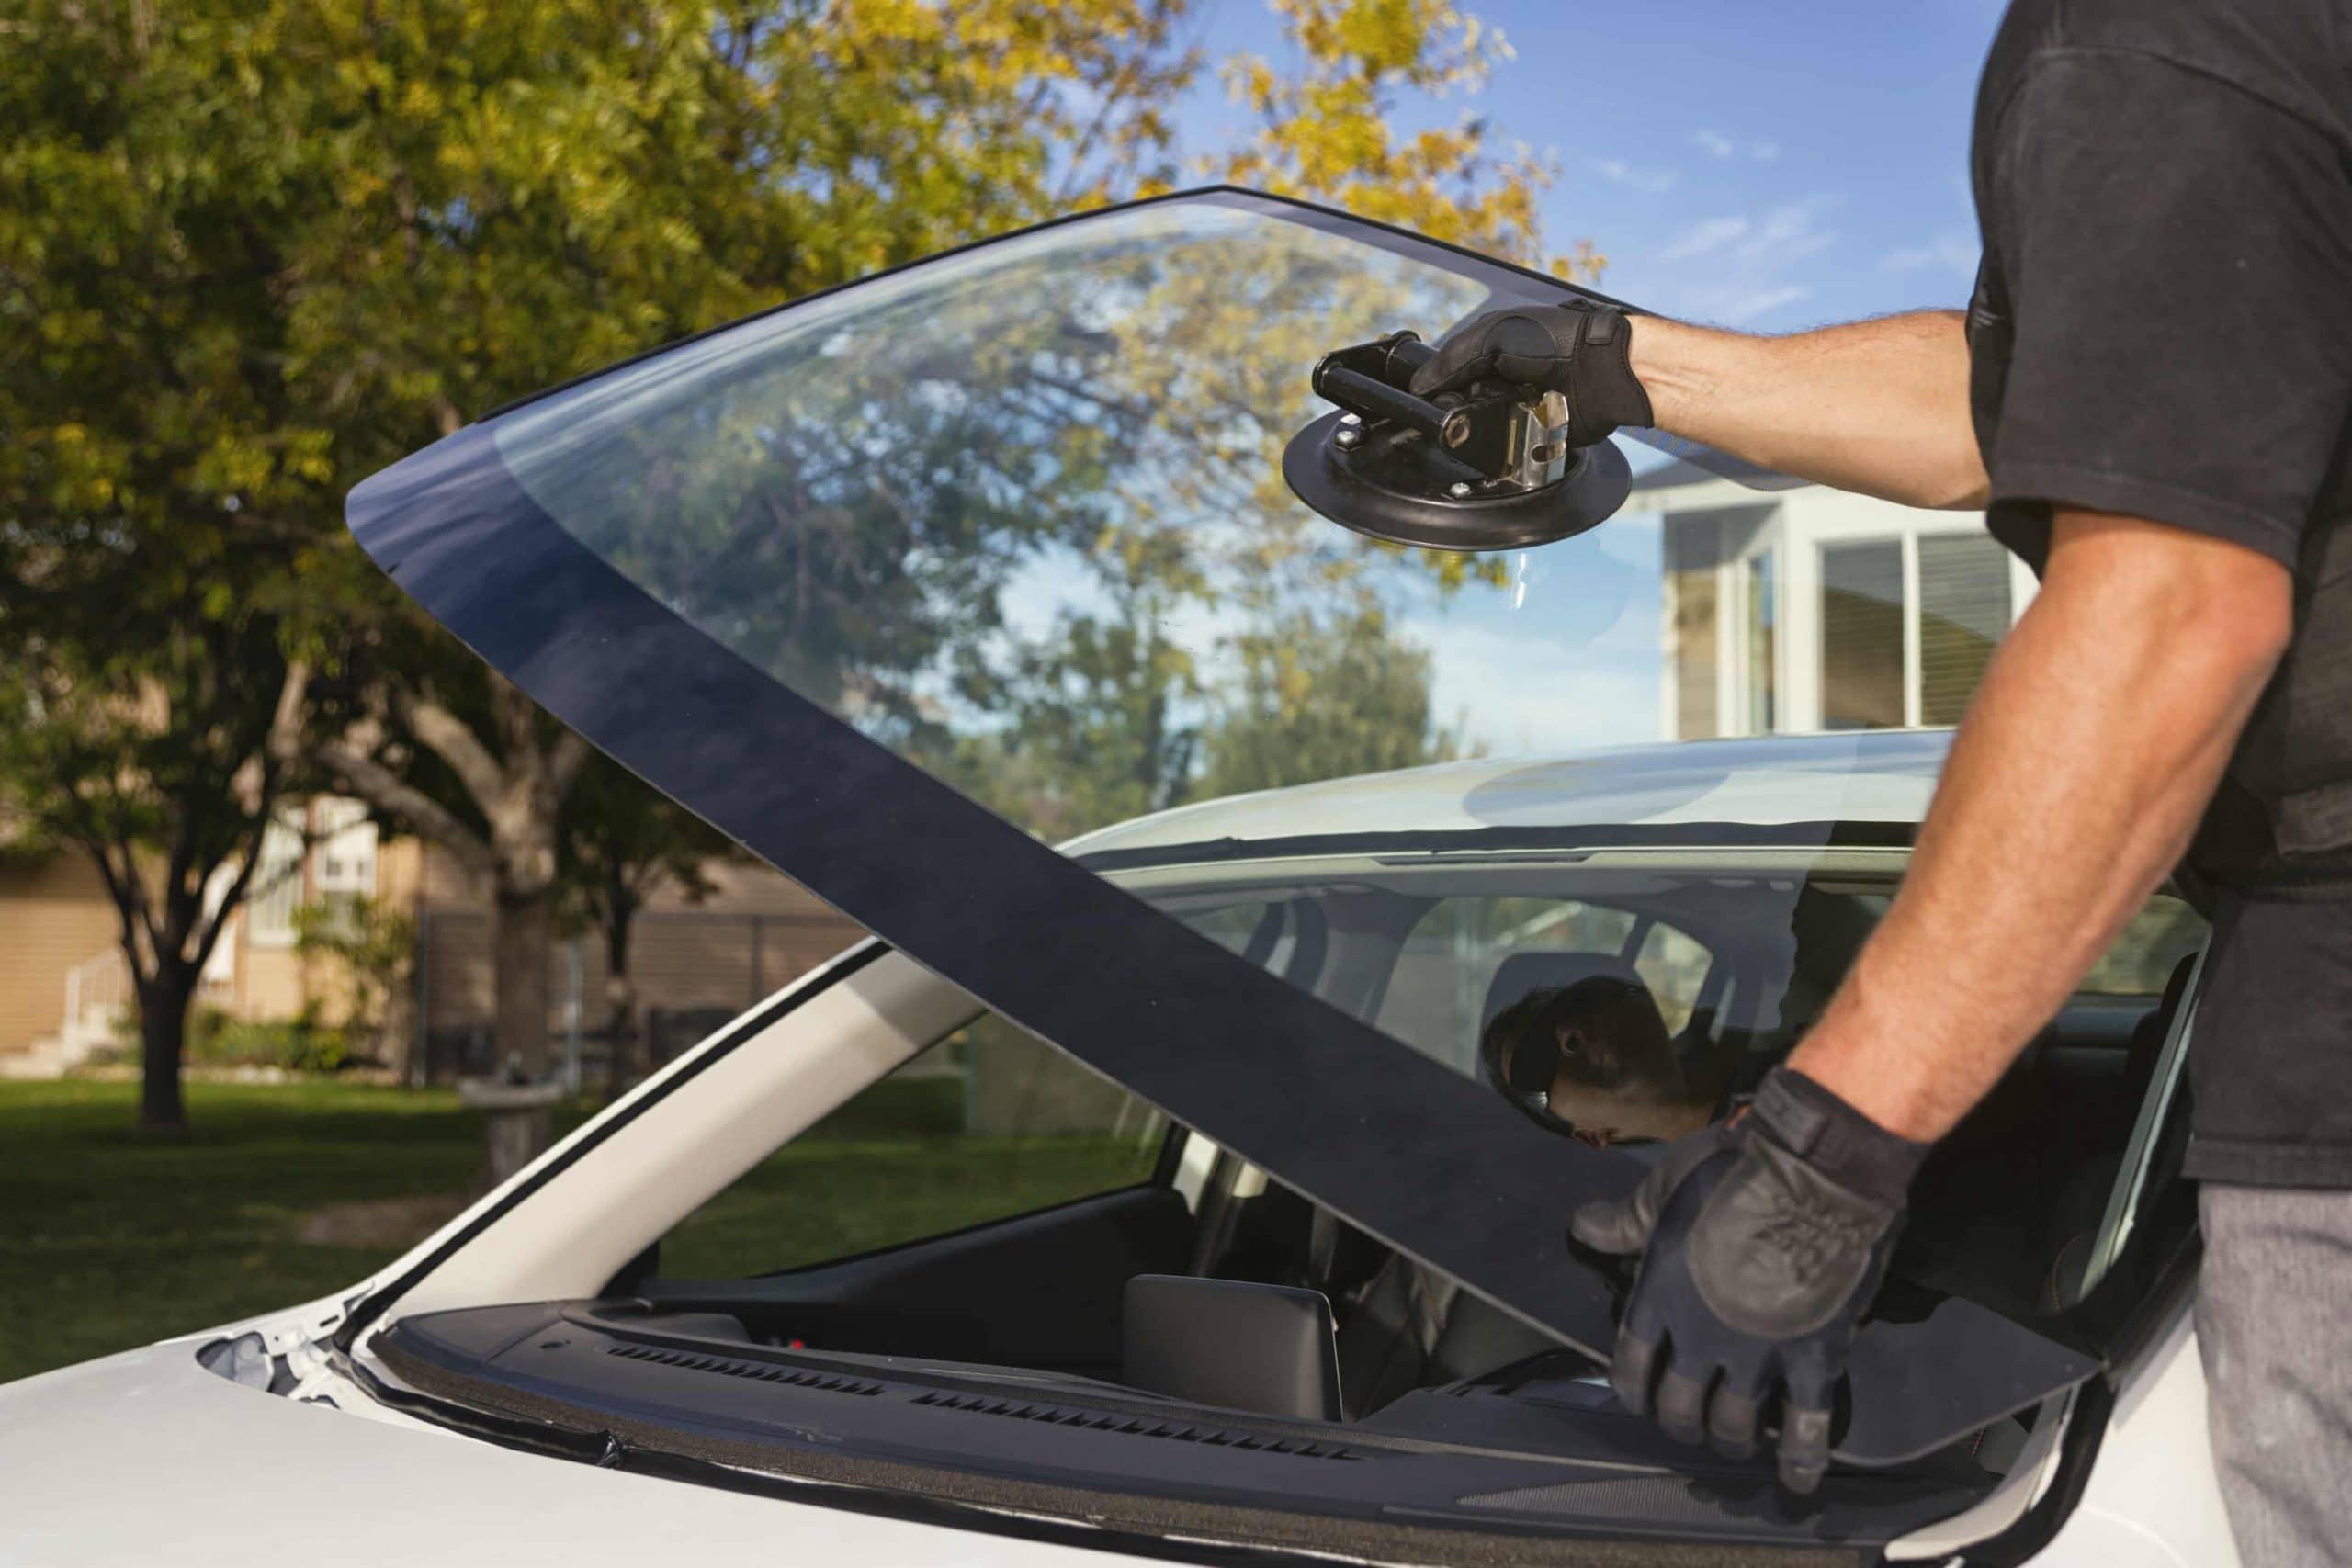 mobile auto glass windshield repair near me Eden Auto Glass